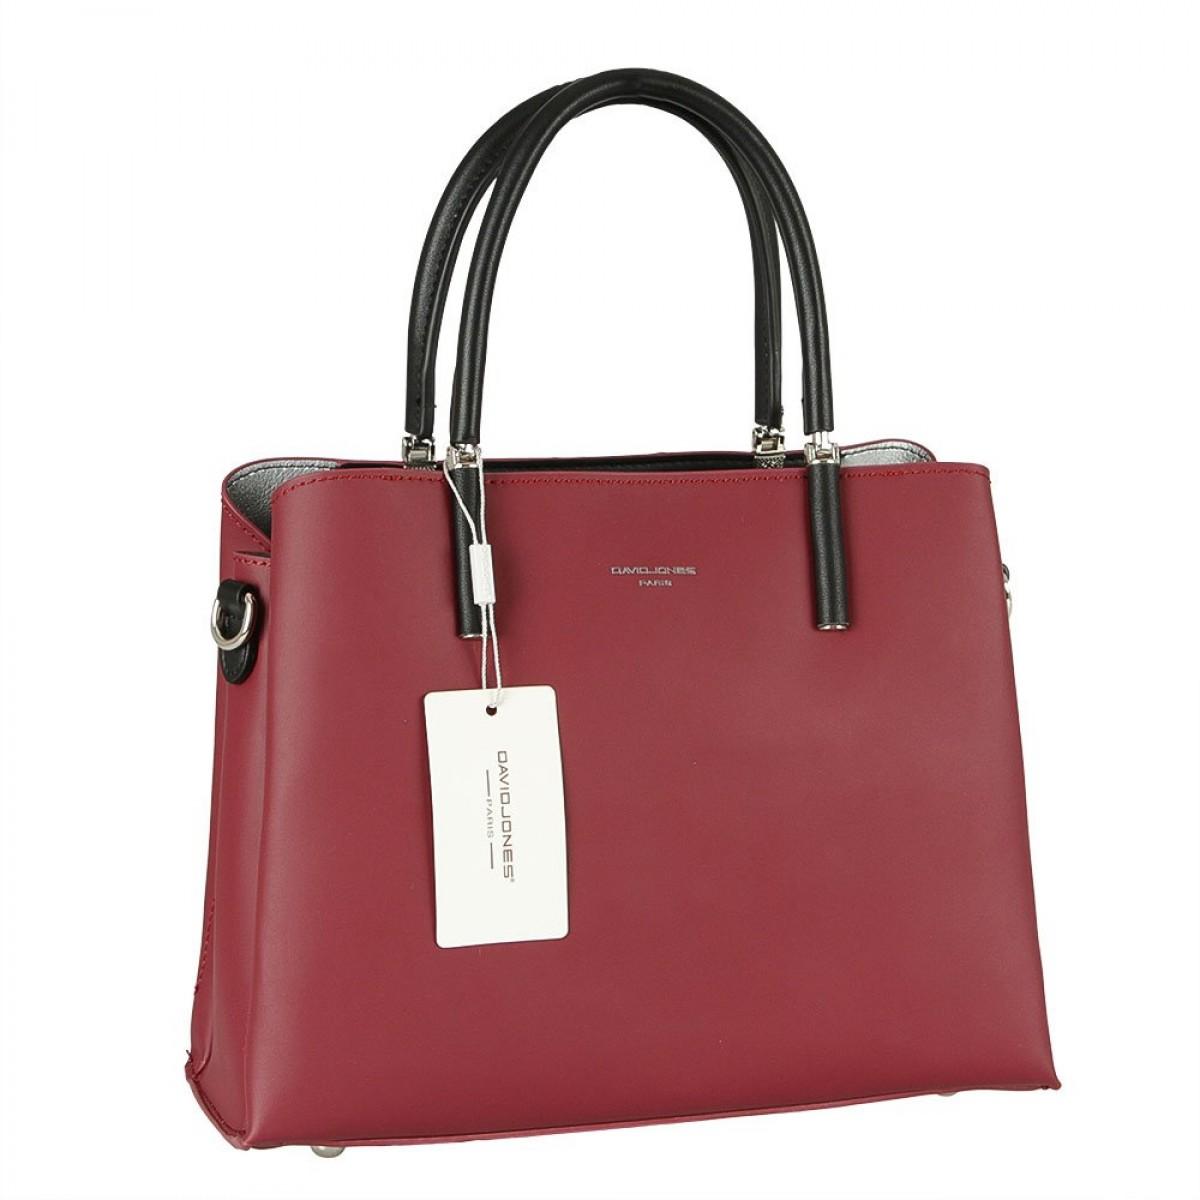 Жіноча сумка David Jones CM5827 DARK BORDEAUX